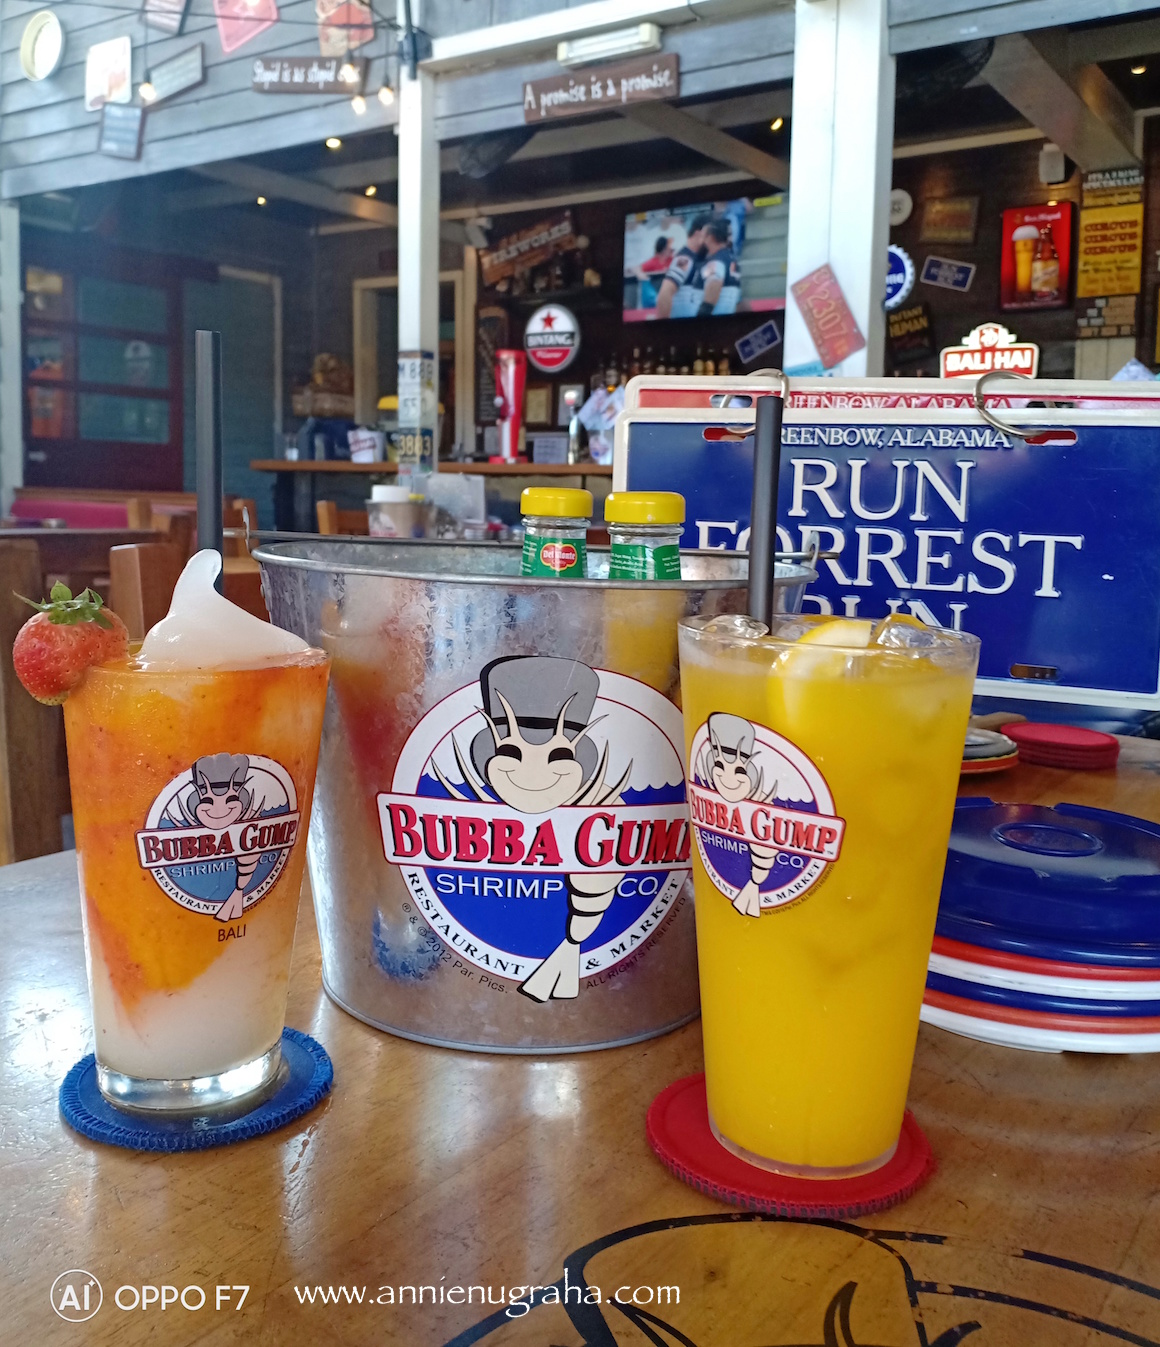 BUBBA GUMP Shrimp & Co. Tempat Nongkrong Legendaris dan Super Asyik di Kuta, Bali.